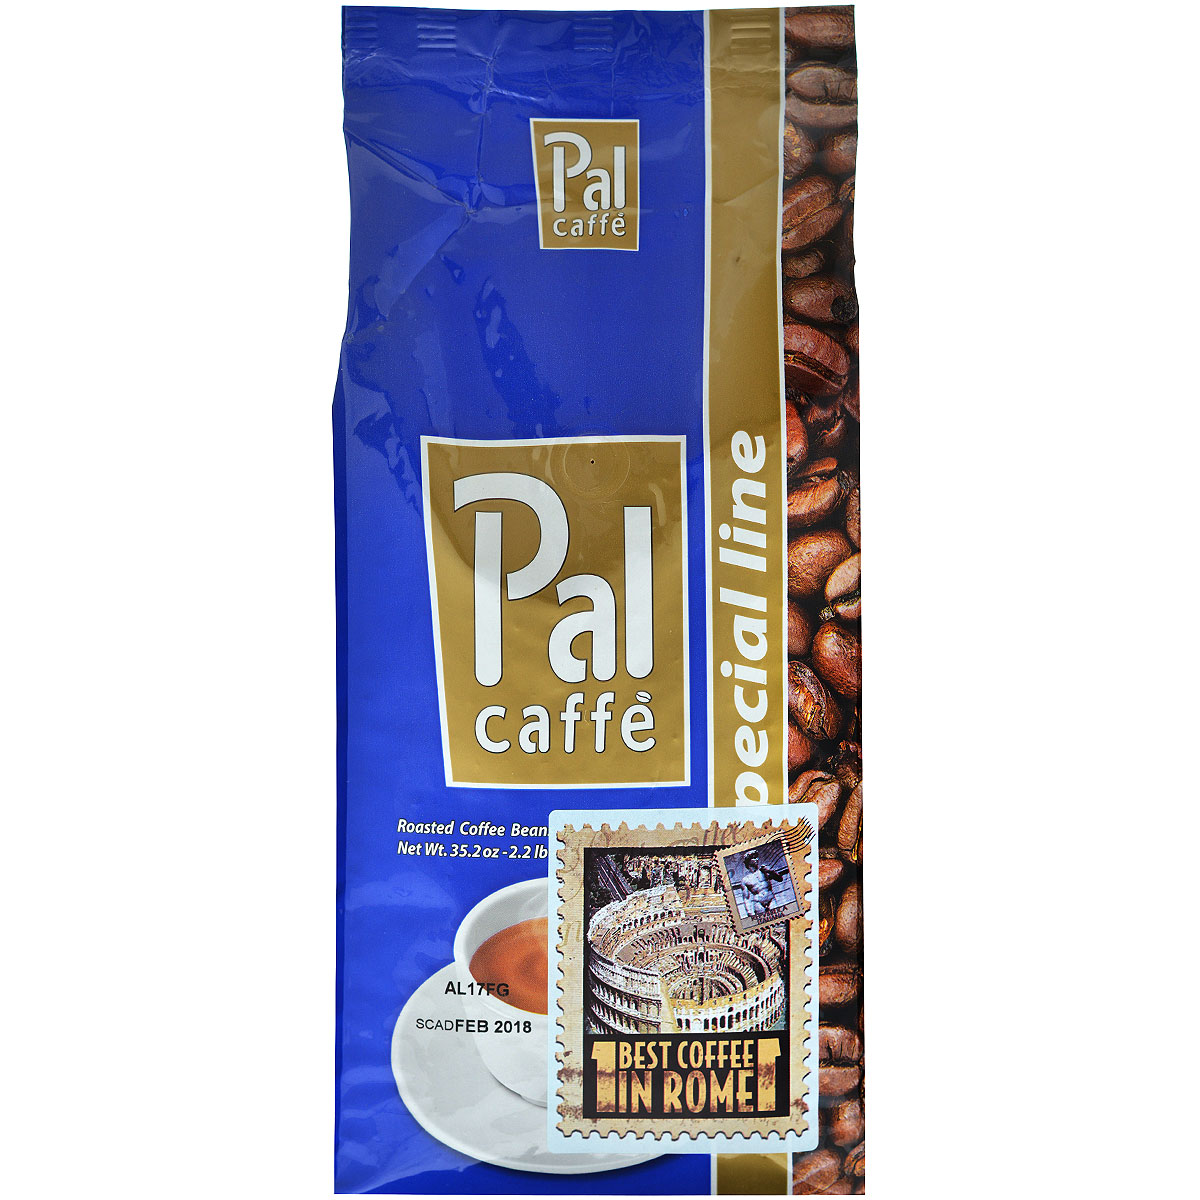 Palombini Pal Oro кофе в зернах, 1 кг0120710Натуральный жареный кофе высшего сорта Palombini Pal Oro в зернах. Бразильская Арабика, выращенная на низких плоскогорьях придает кофе ореховый букет и слегка заметную кислинку. Вкус Pal Oro незабываем. Рекомендуется для приготовления ристретто, эспрессо, капучино. Состав смеси: 90% арабика, 10% робуста.